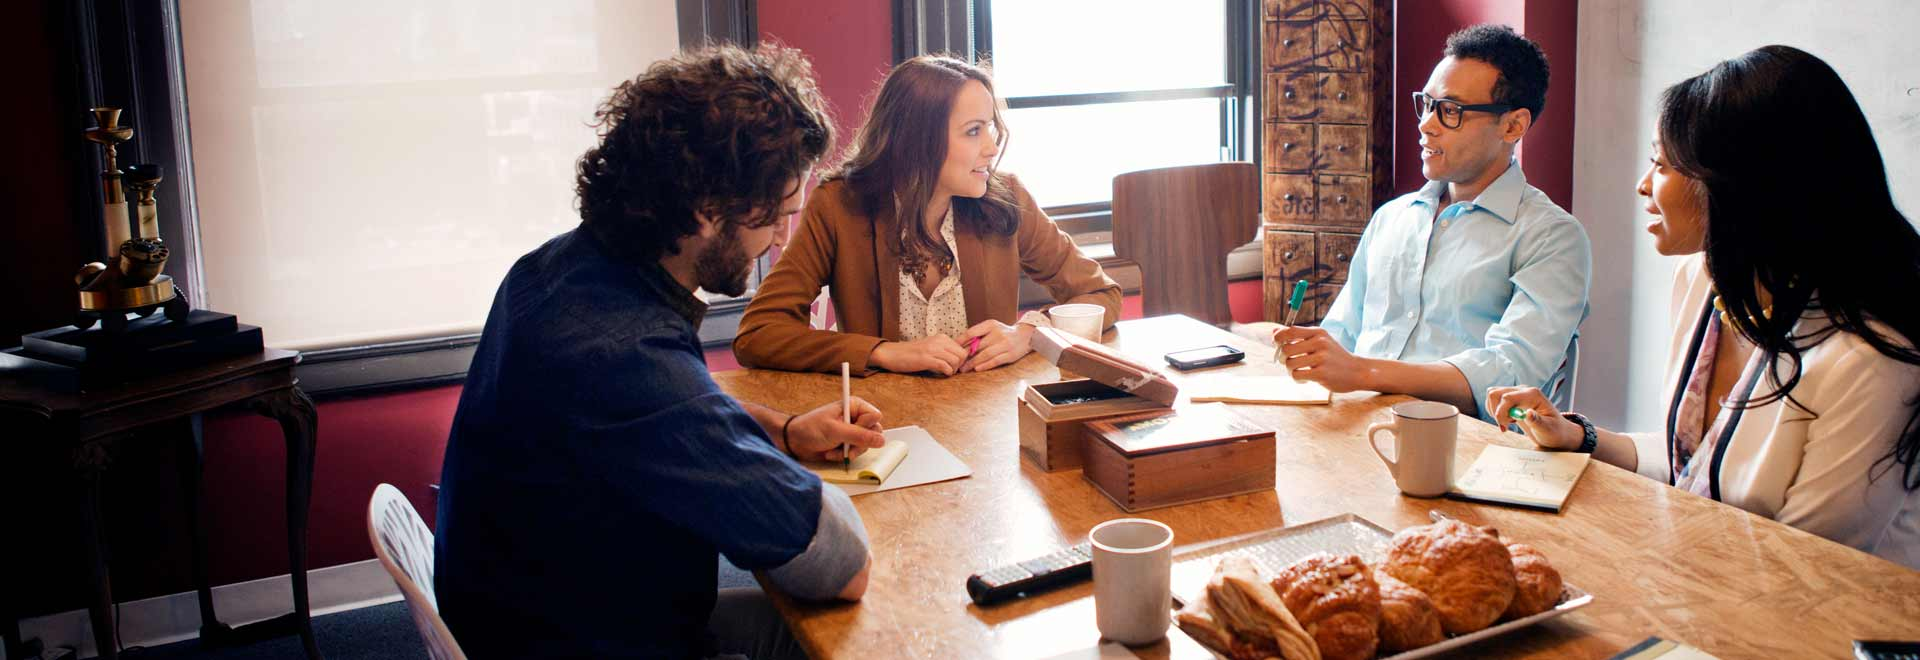 Neli inimest töötavad kontoris, kasutades teenusekomplekti Office 365 Enterprise E3.